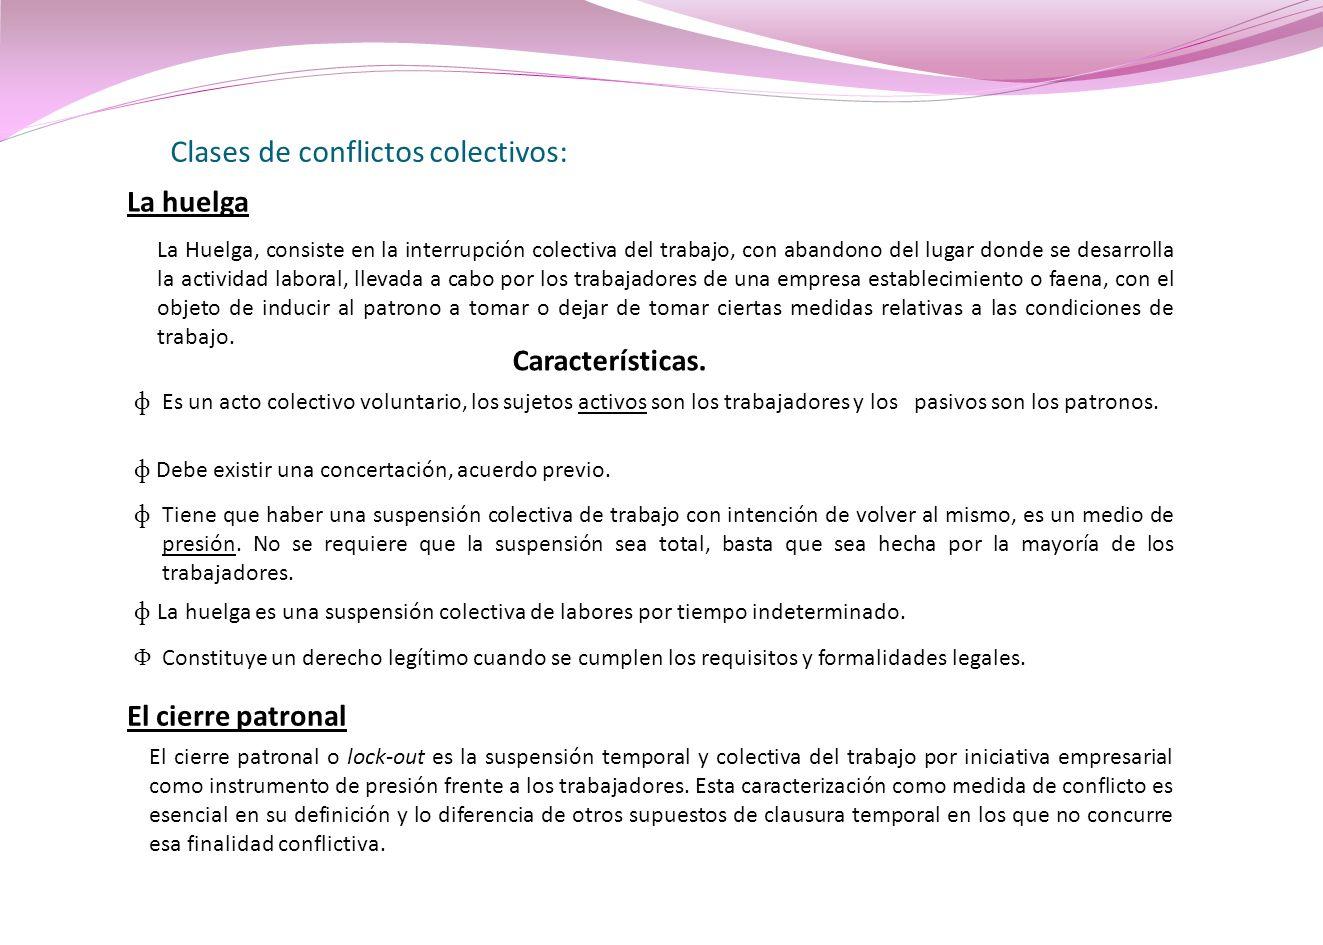 Clases de conflictos colectivos: